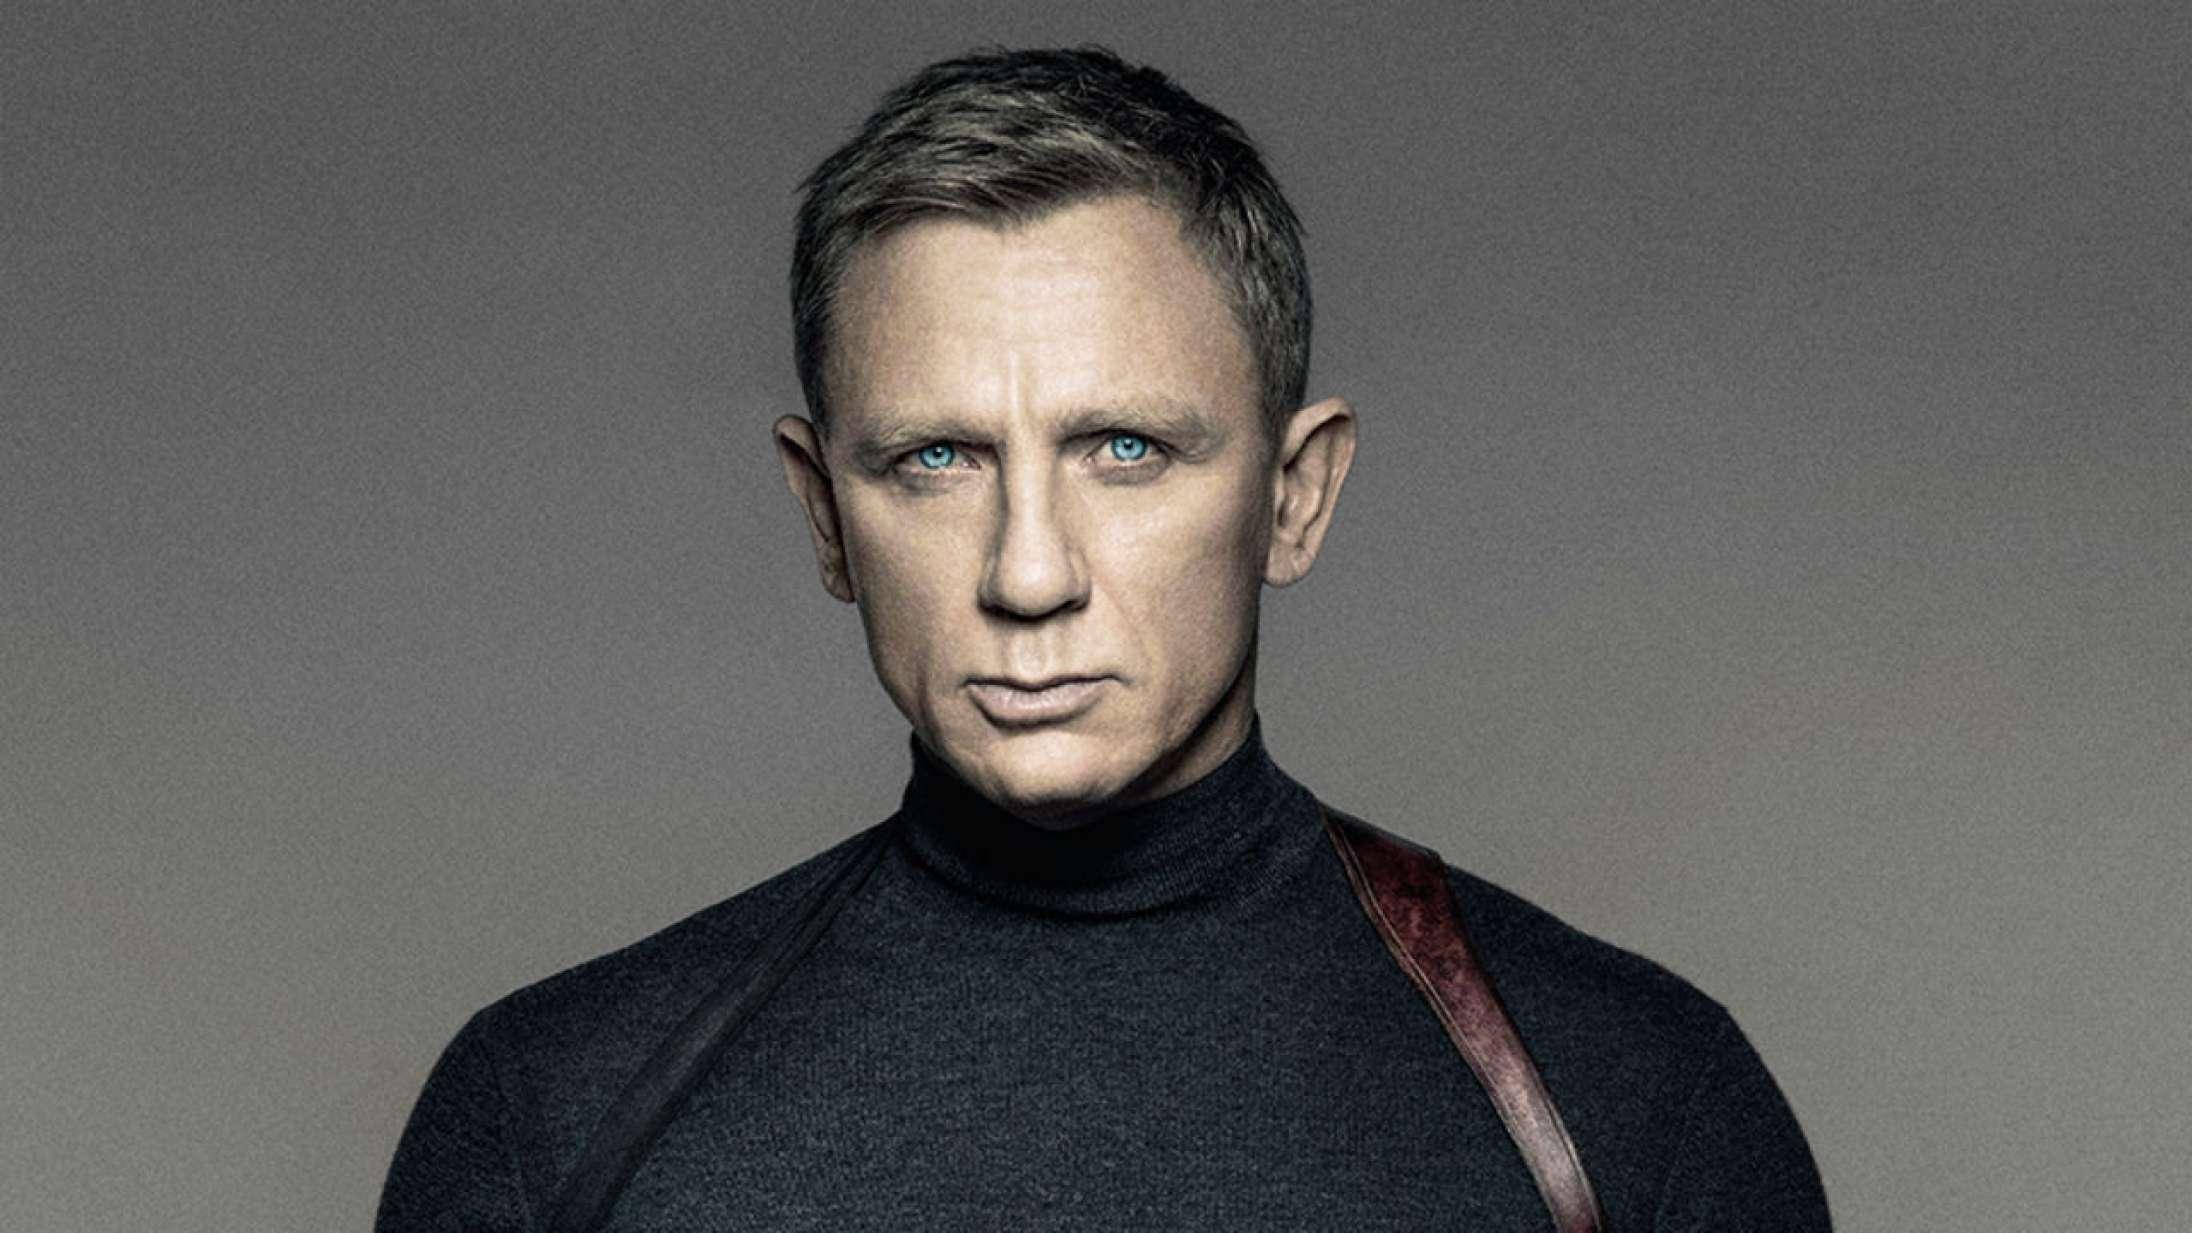 Den næste James Bond-film har fået en meget James Bond-agtig titel